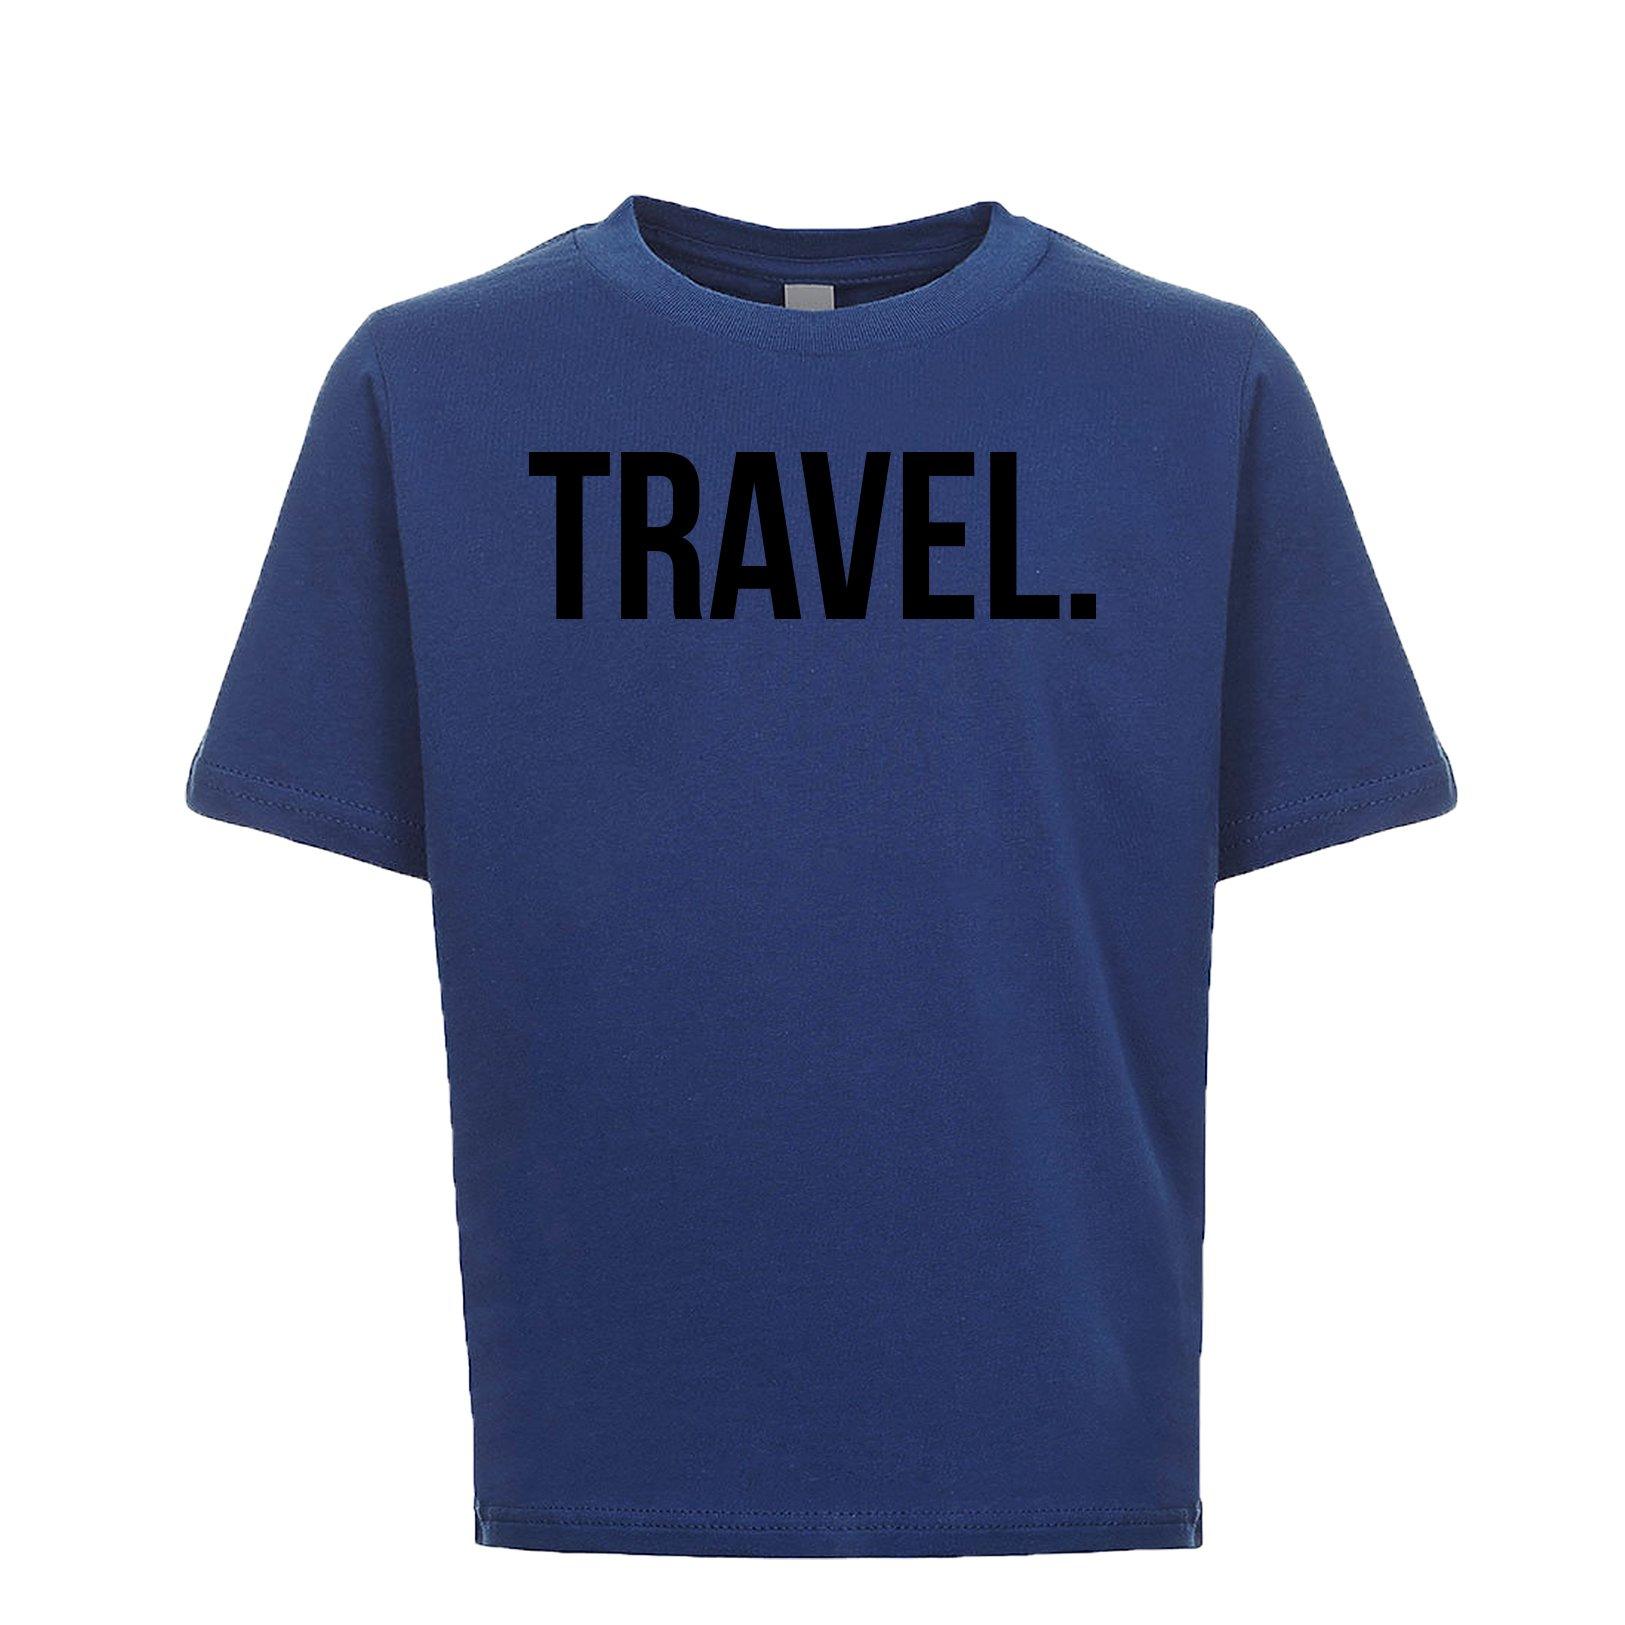 Travel Unisex Kids Tee Royal Medium